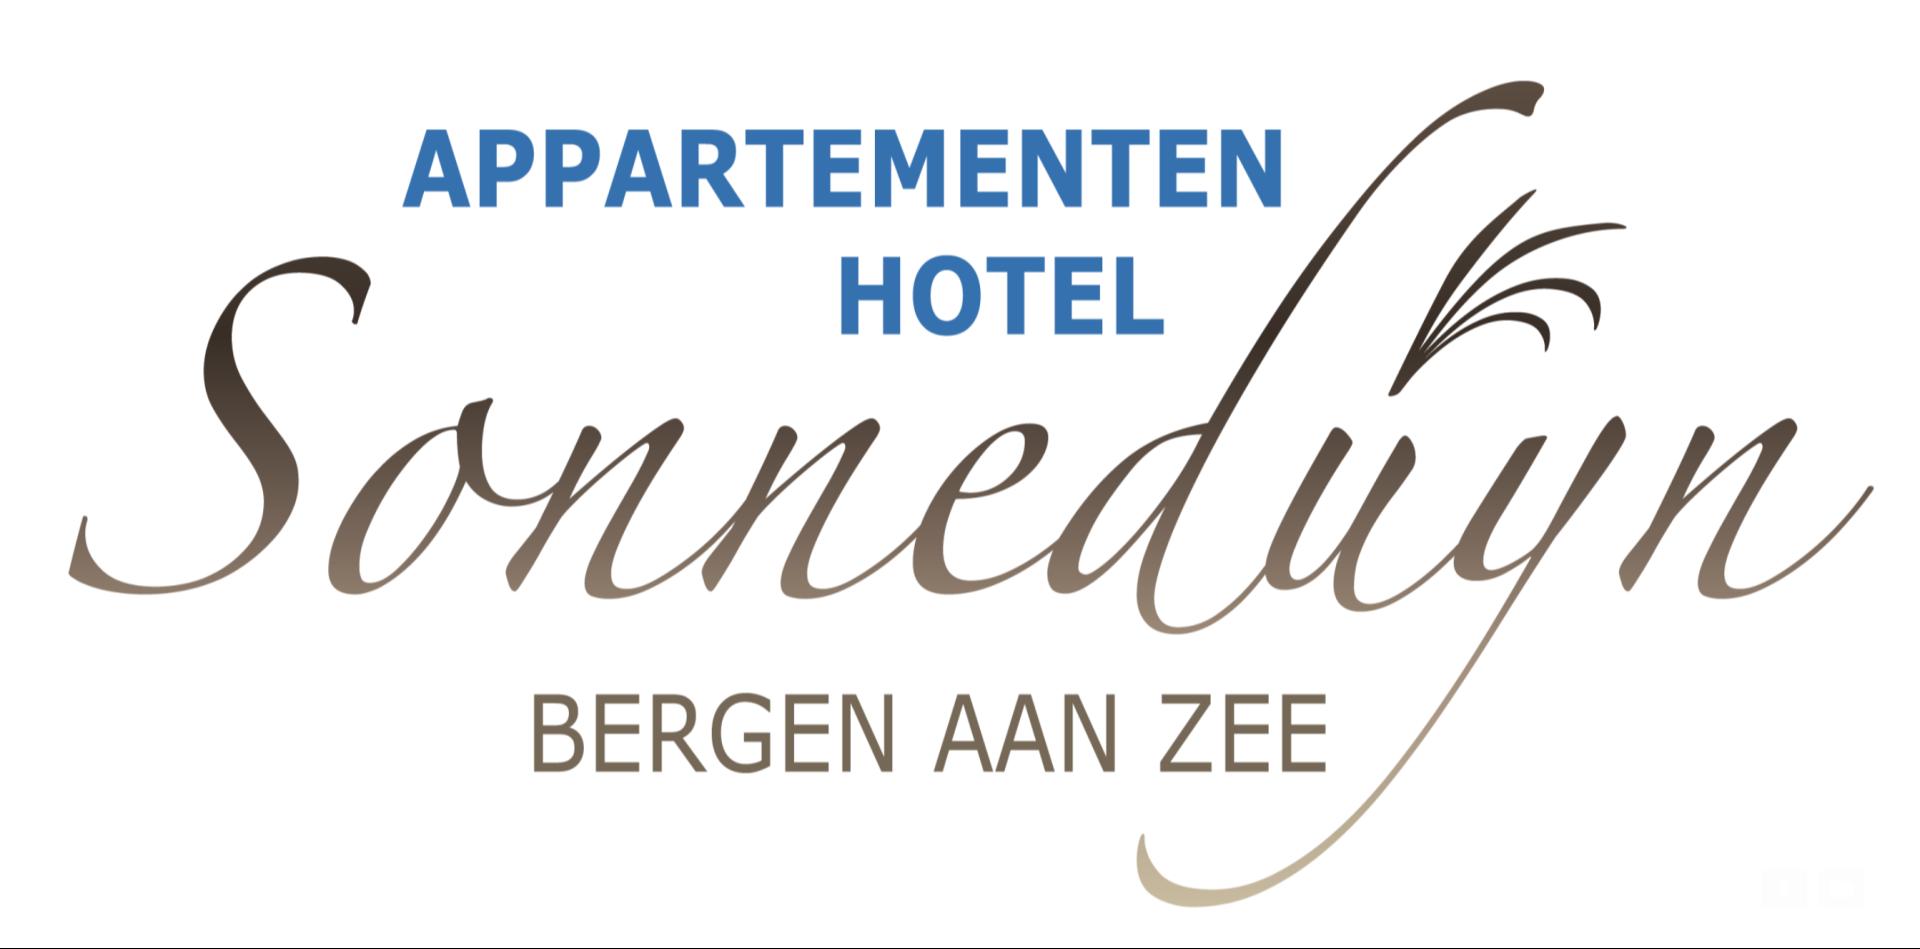 Appartementen en Sonneduyn Hotel Bergen aan zee